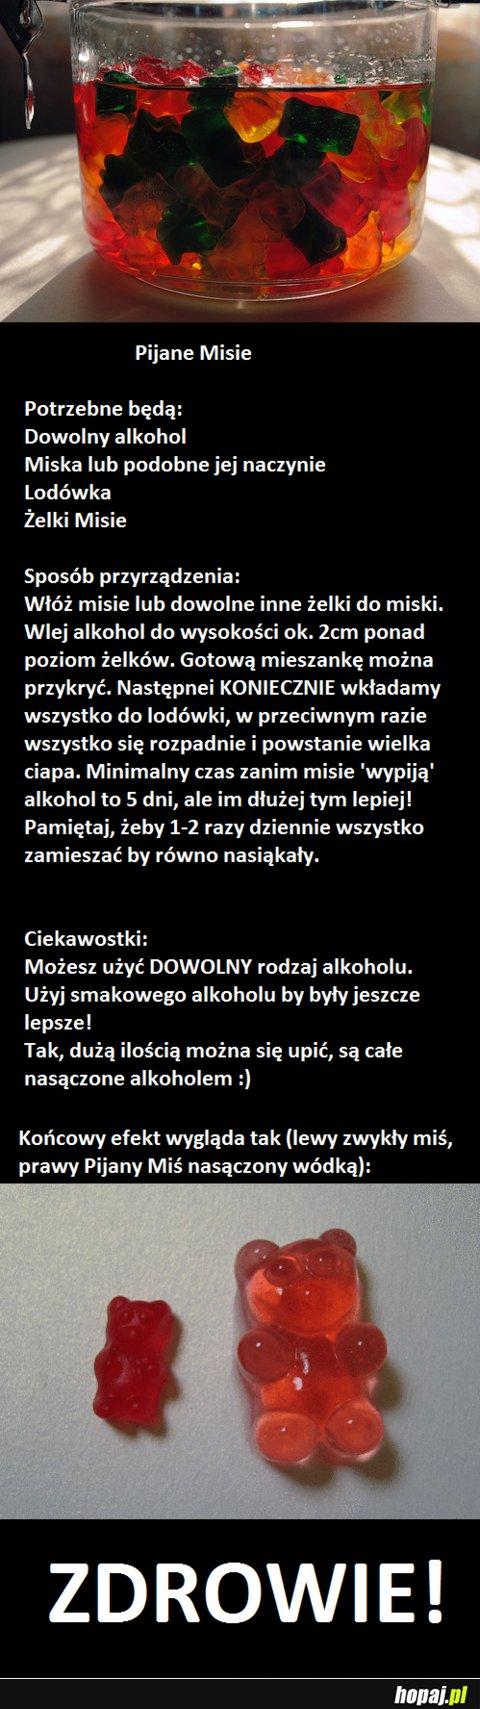 Pijane misie